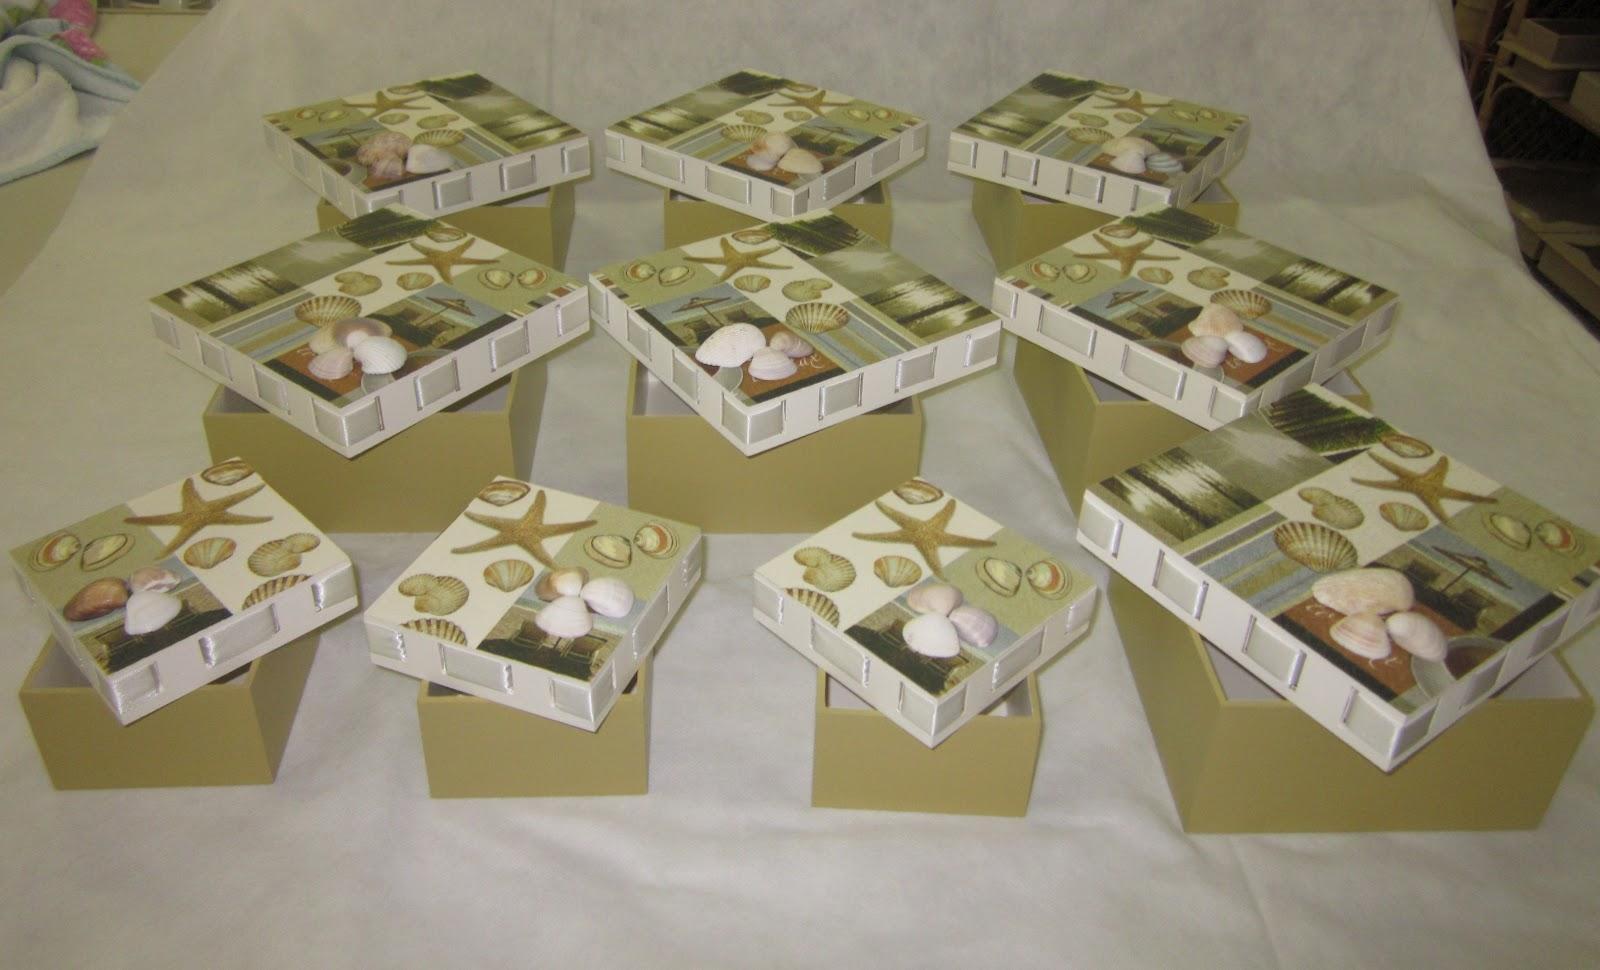 Doce Mistério artesanato: Caixa para padrinhos de casamento #624F35 1600x970